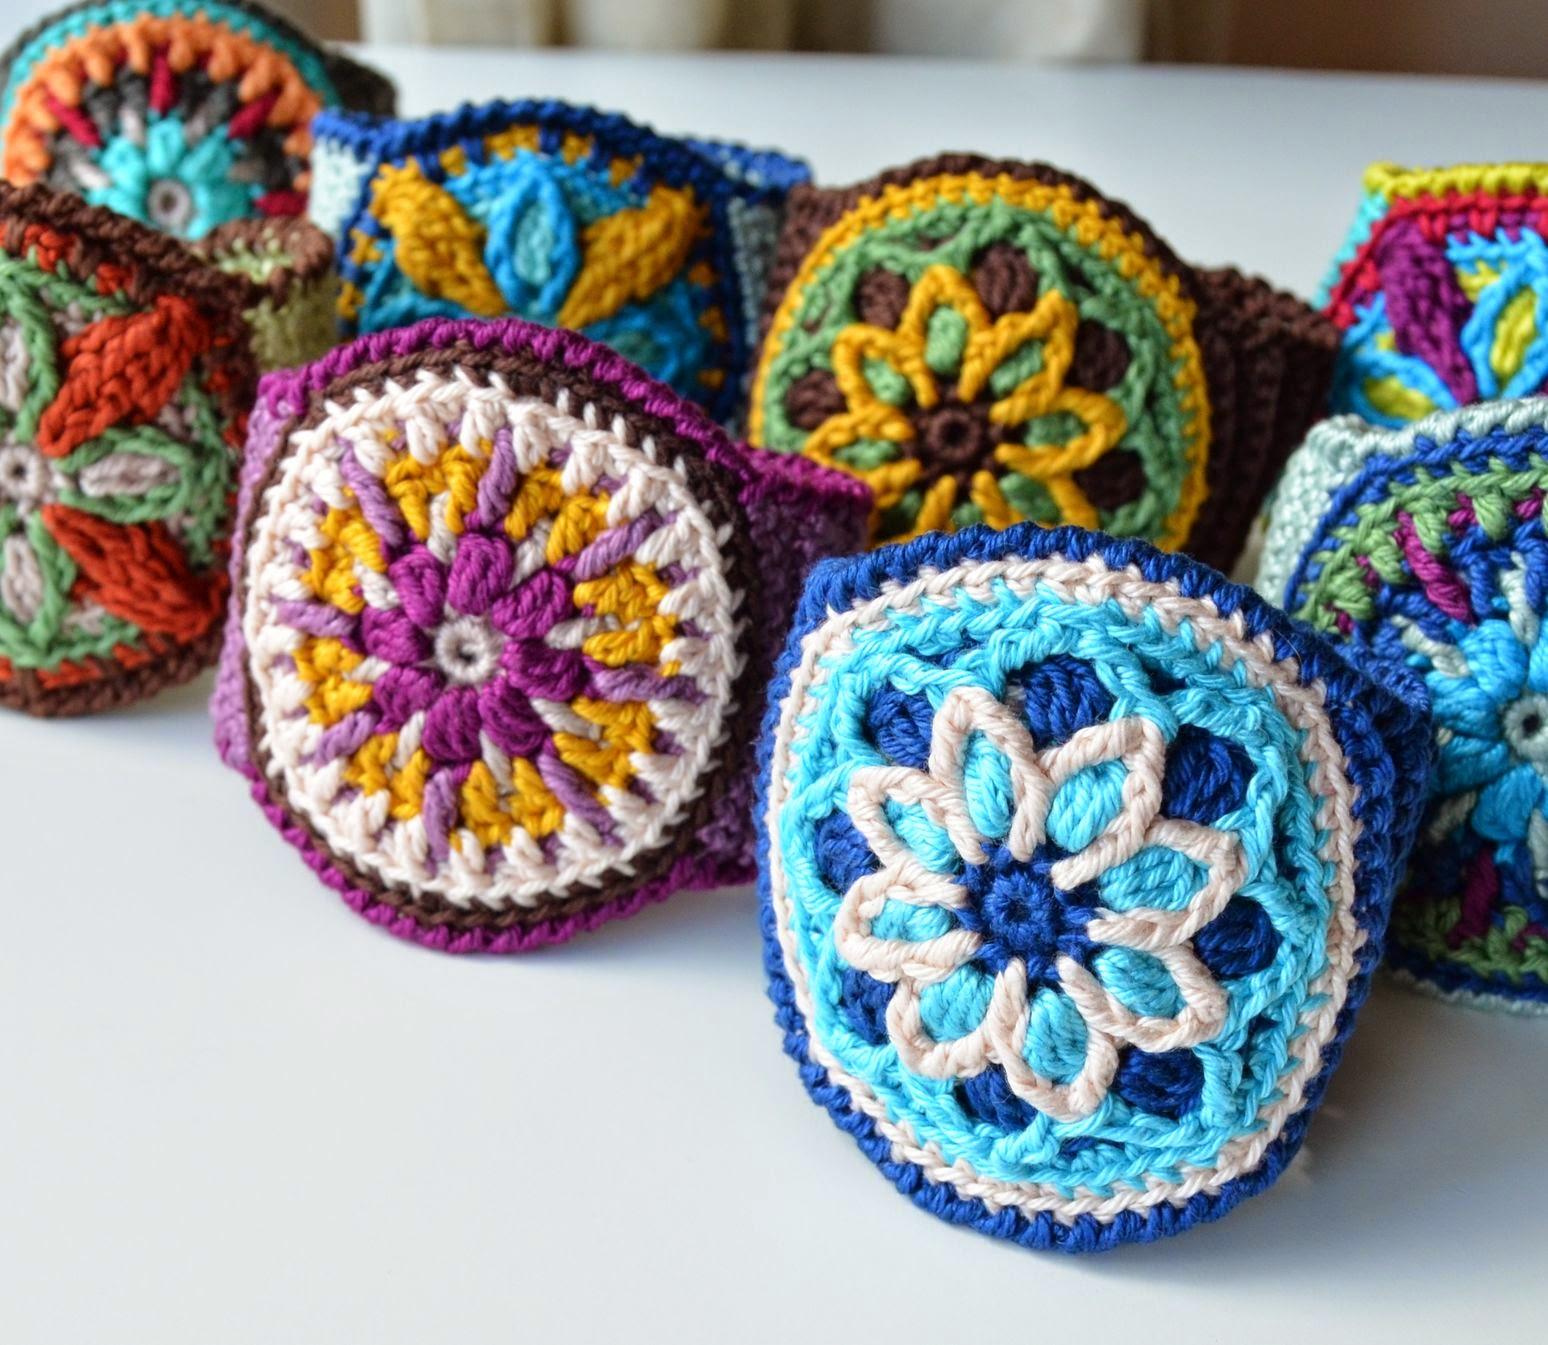 A New Trend for Summer: Crocheted Cuffs | LillaBjörn\'s Crochet World